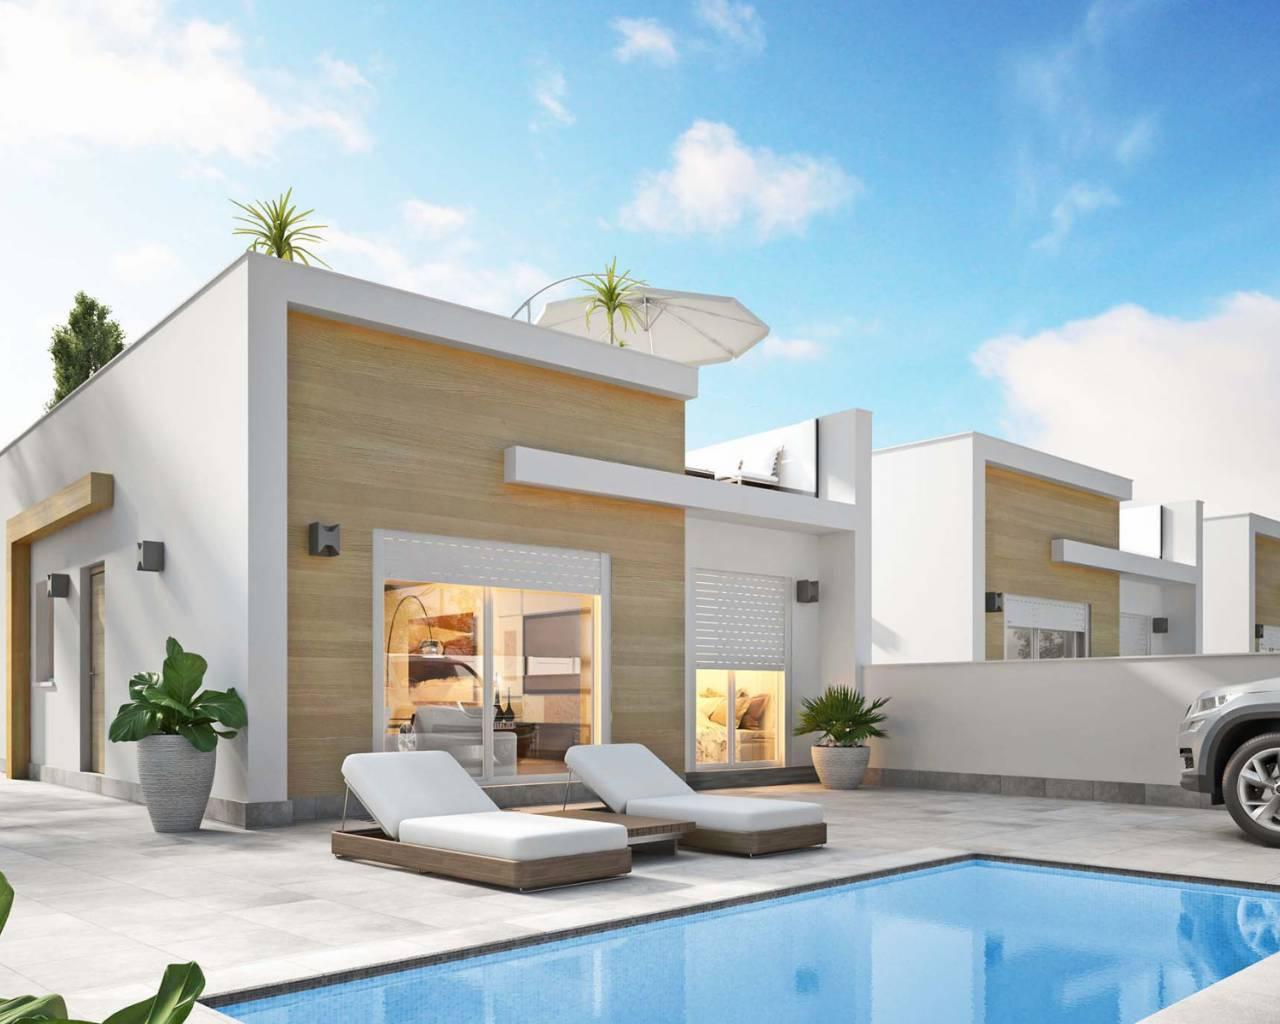 nieuwbouw-vrijstaande-villa-avileses-dorps-centrum_5515_xl